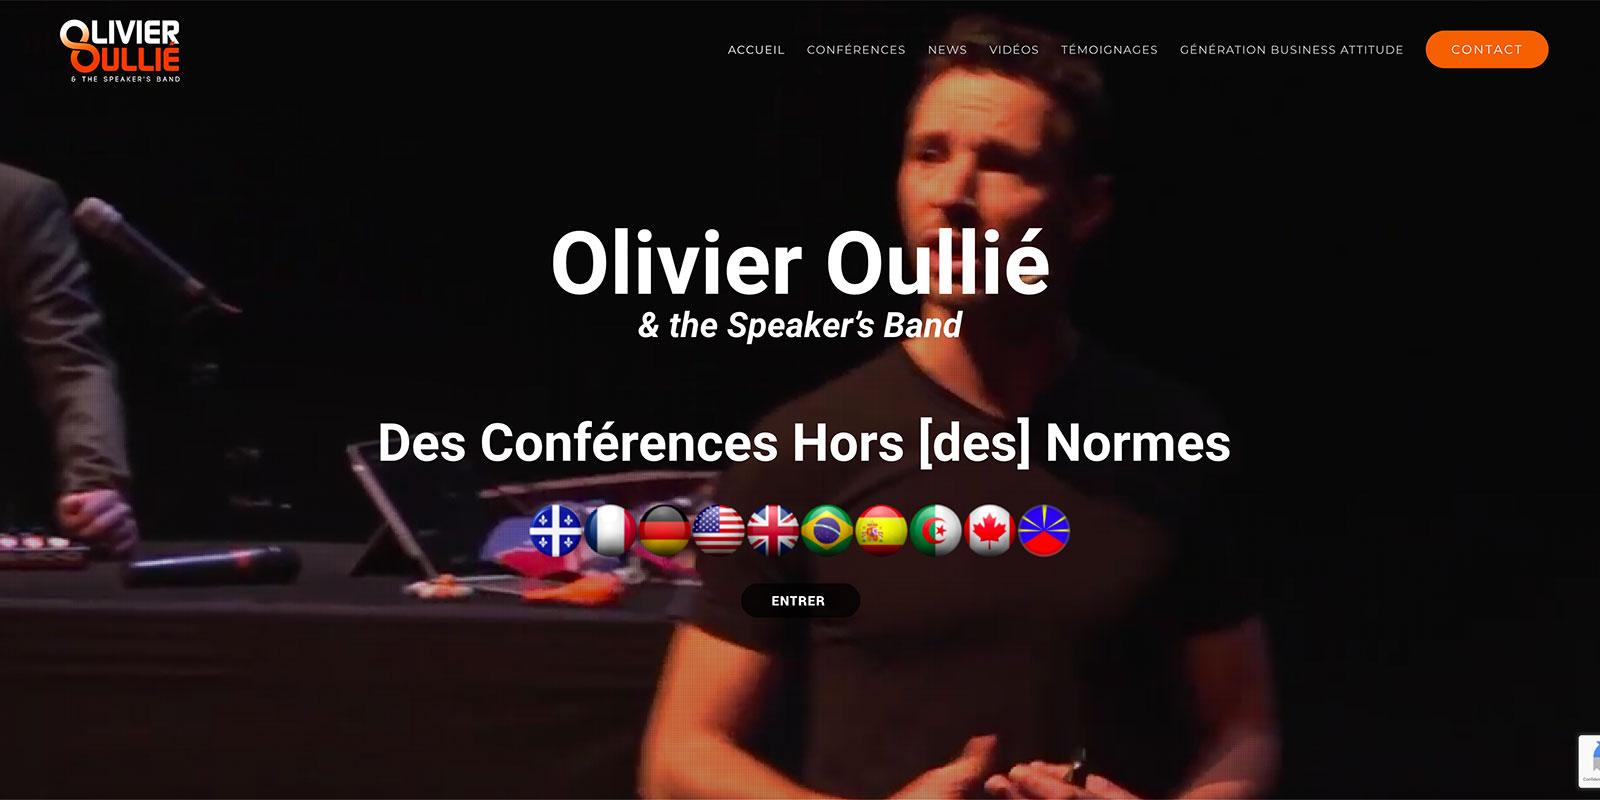 Référence -Site internet Olivier Oullié - Netcom Agency - Communication numérique